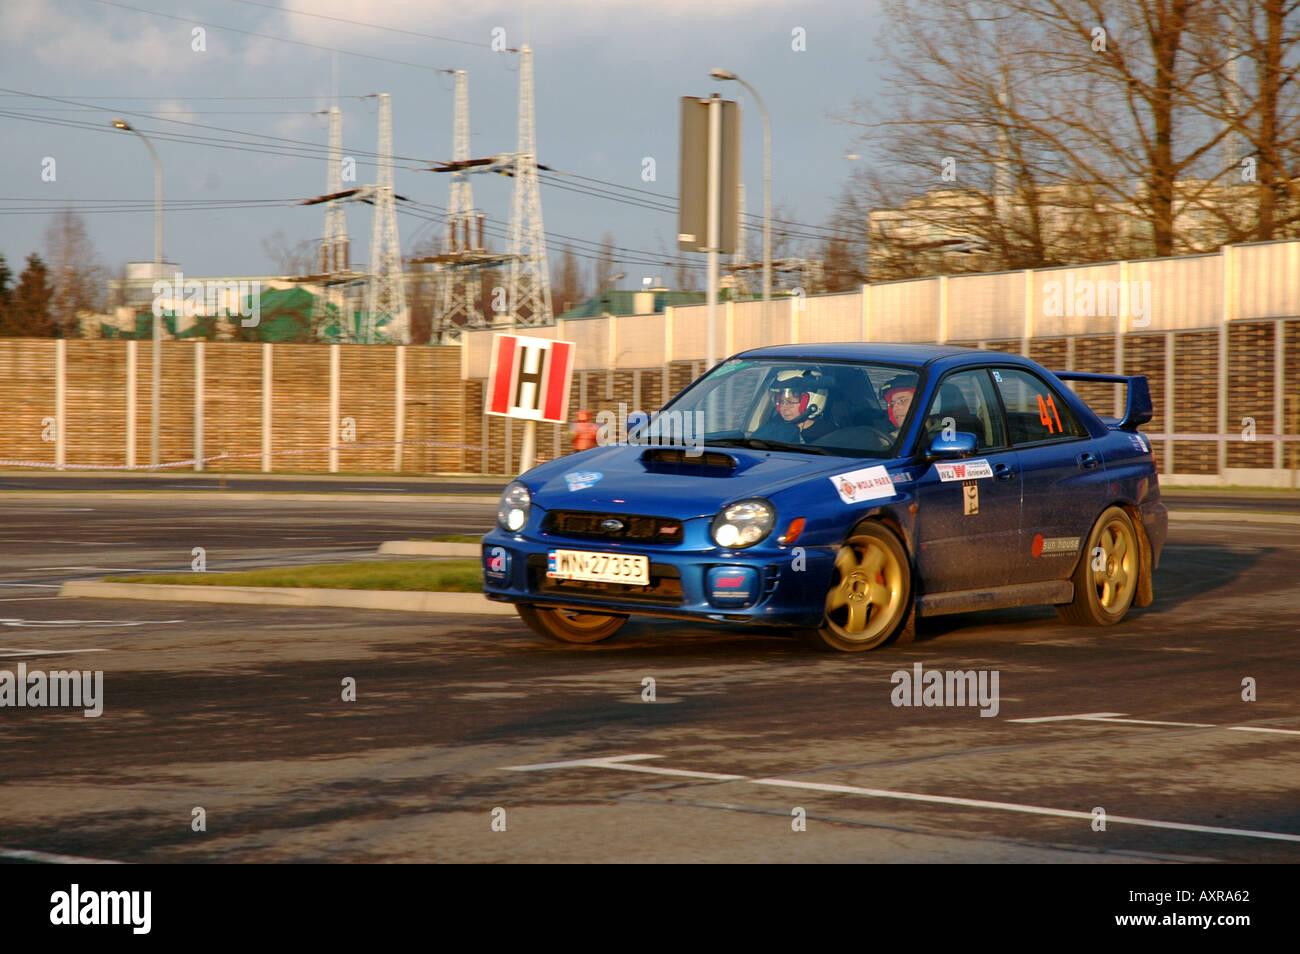 Street Car Race Stock Photos & Street Car Race Stock Images - Alamy